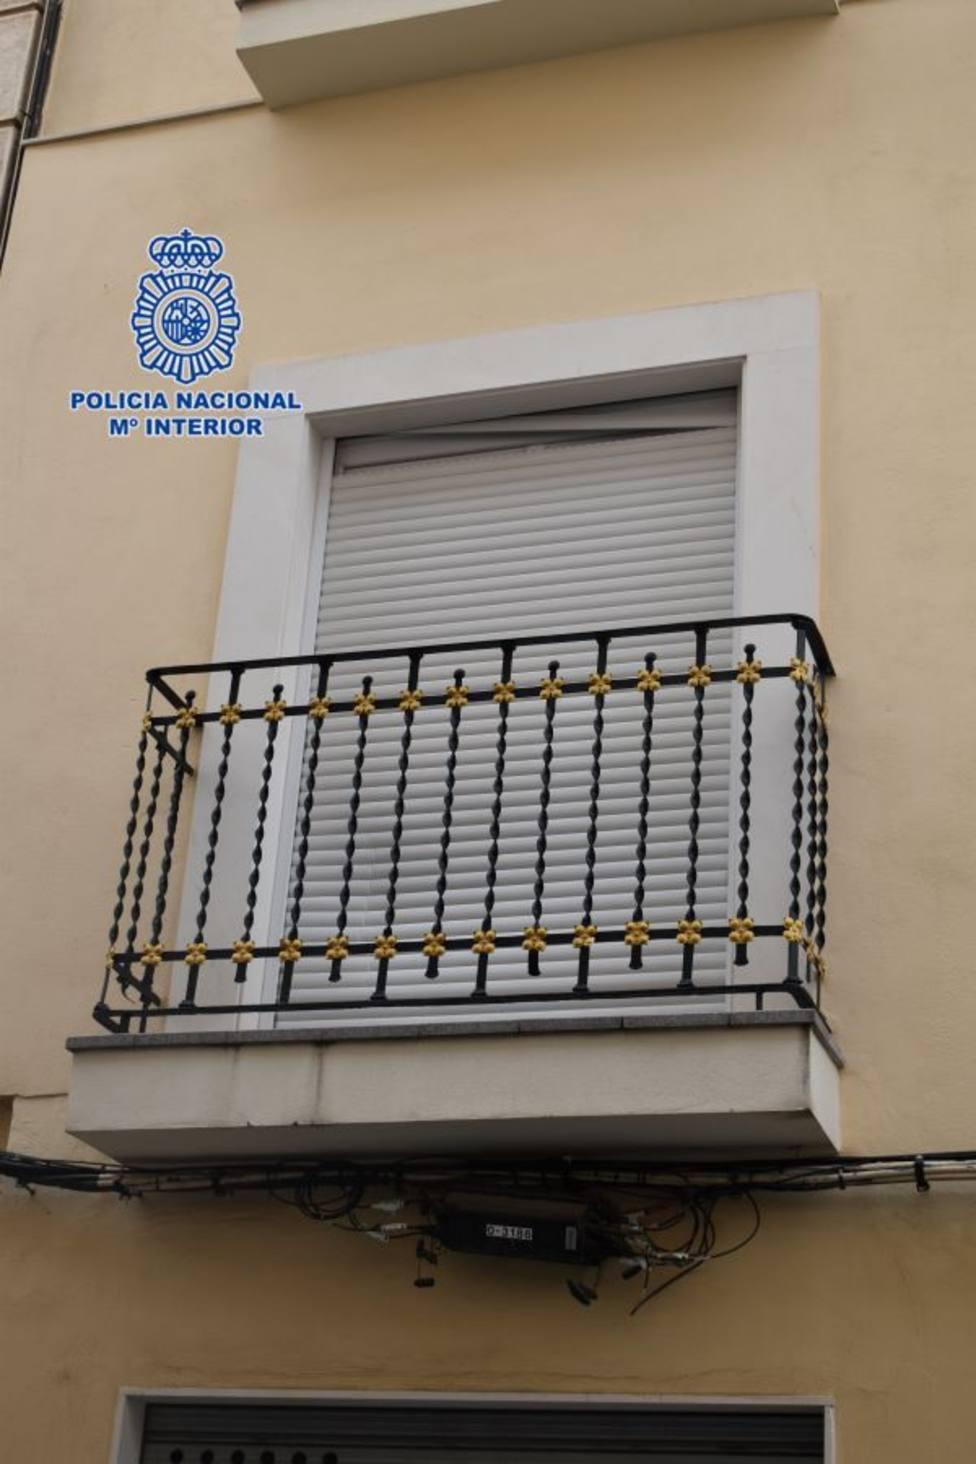 La Policía Nacional detiene a una persona que escaló y forzó una persiana para entrar a robar en un domicilio